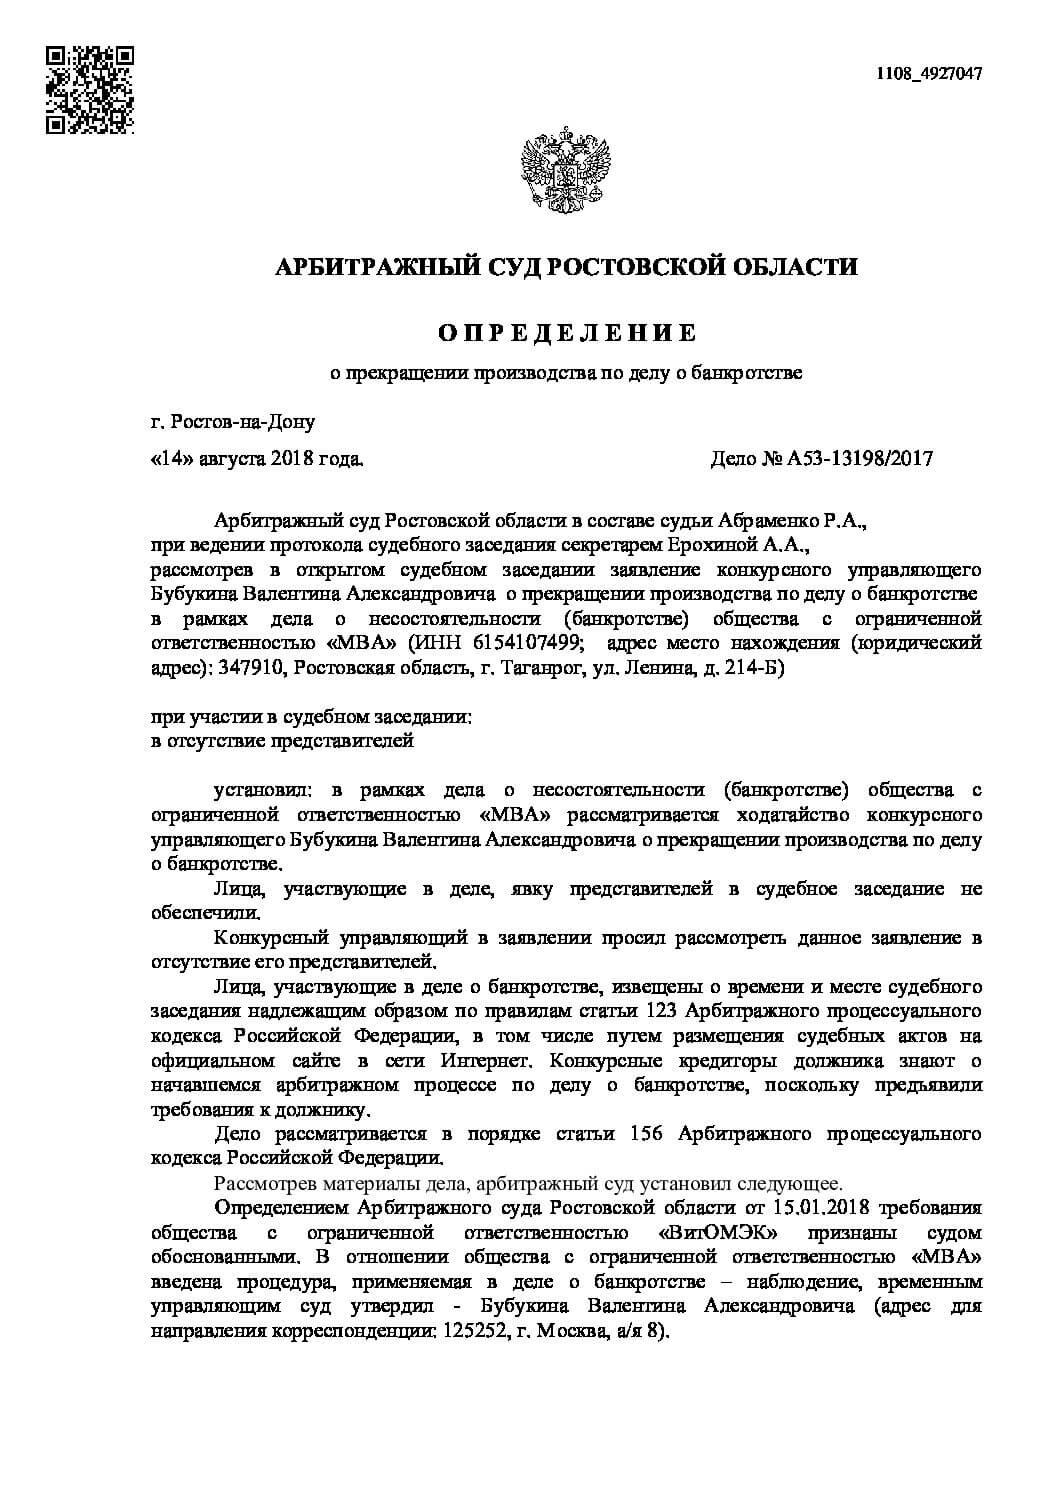 заявление о прекращении производства дела о банкротстве